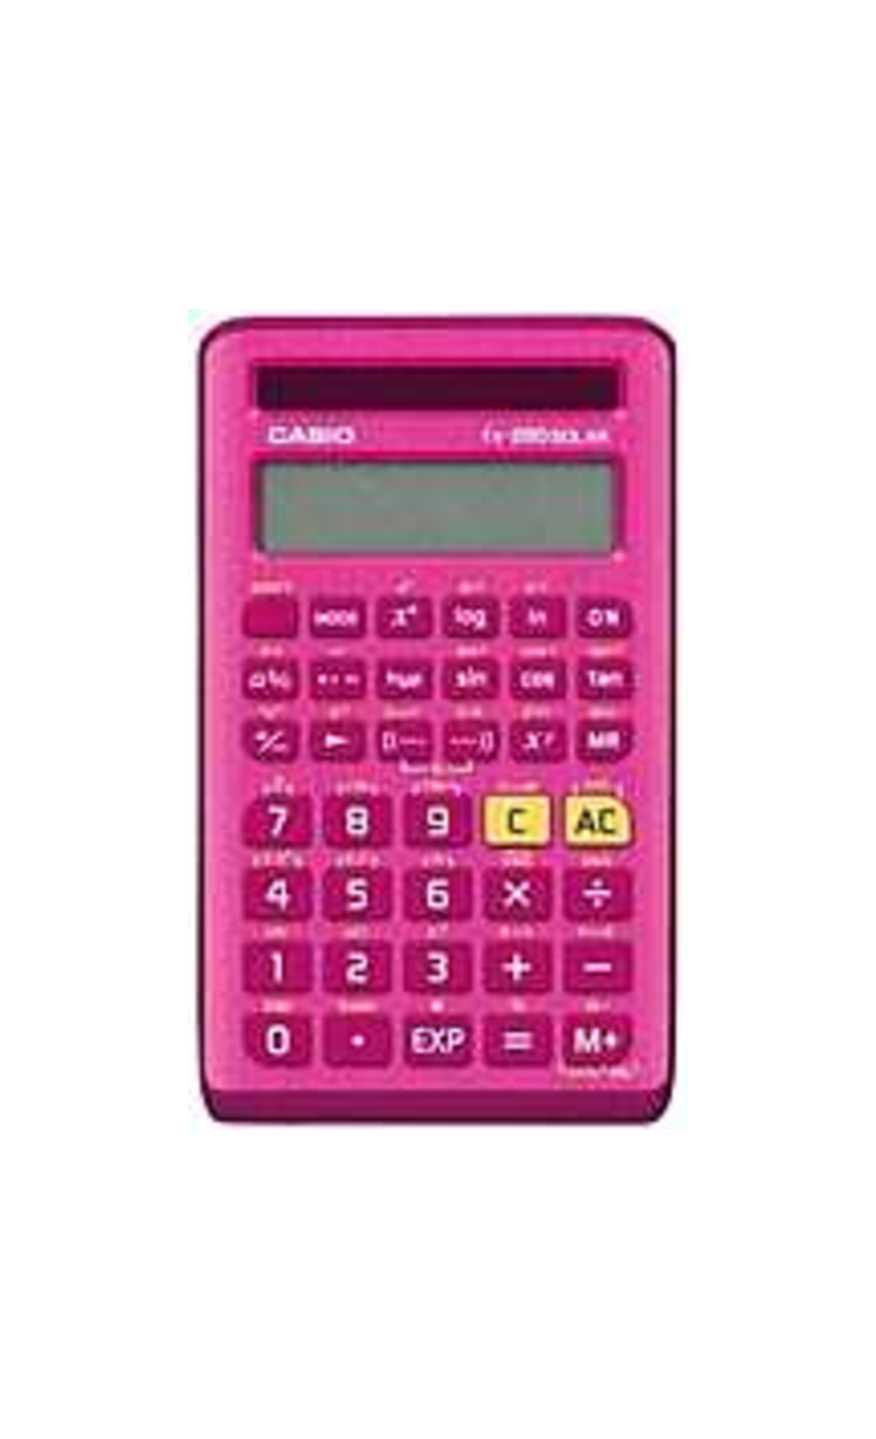 Casio FX-260SOLARII-PK 10-Digit Display Scientific Calculator - Pink